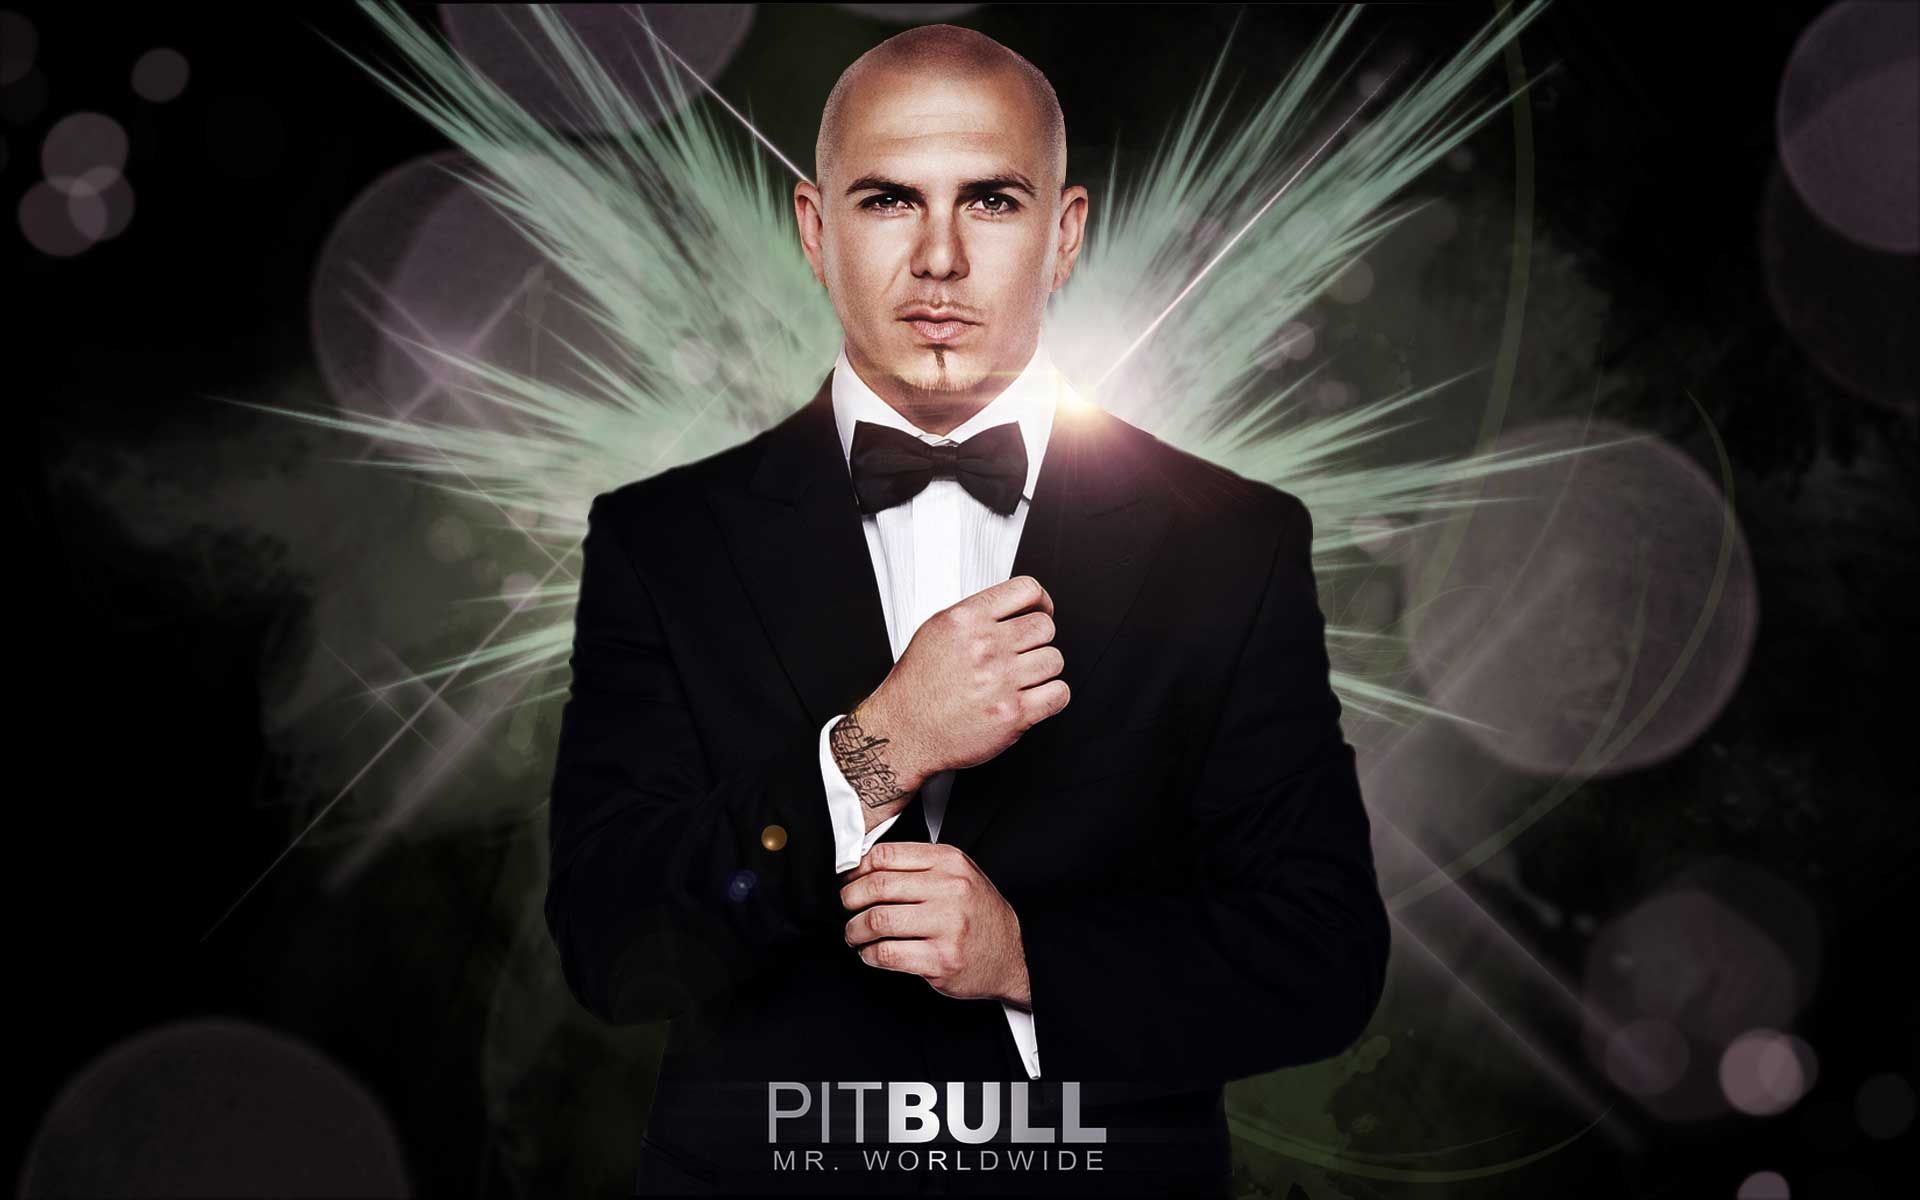 Pitbull Rapper HD Wallpapers